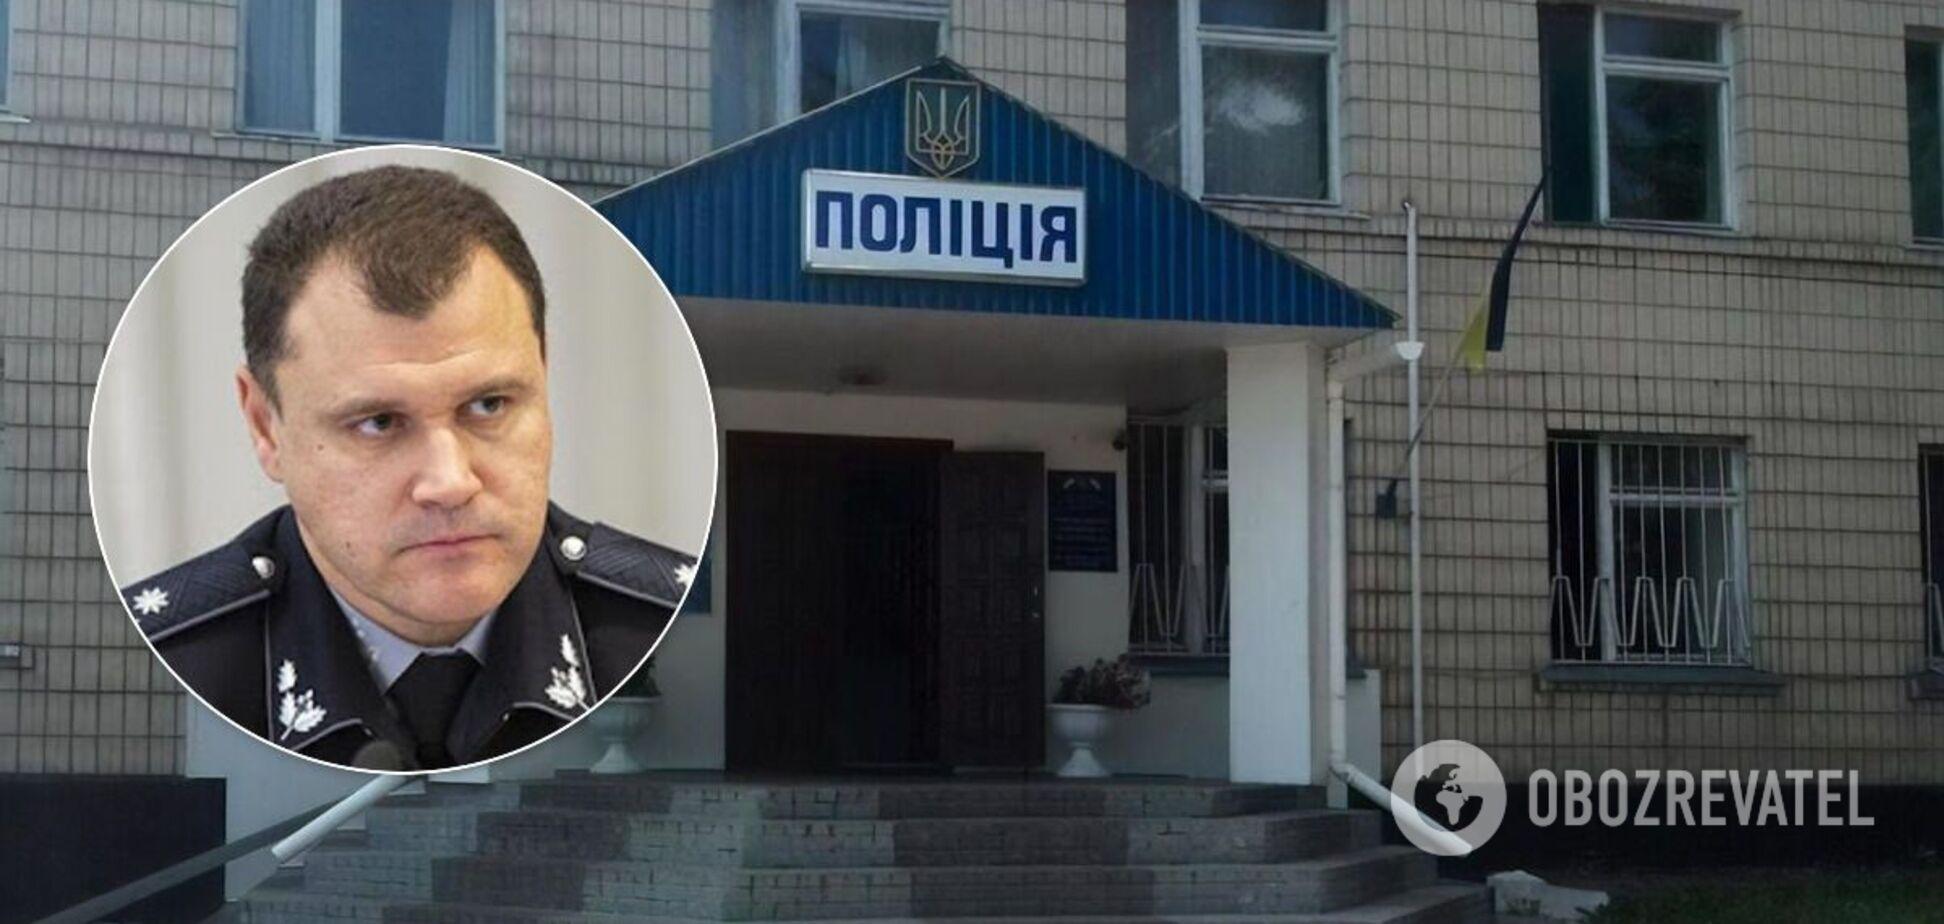 Клименко пояснил, как предотвратить инциденты с полицией